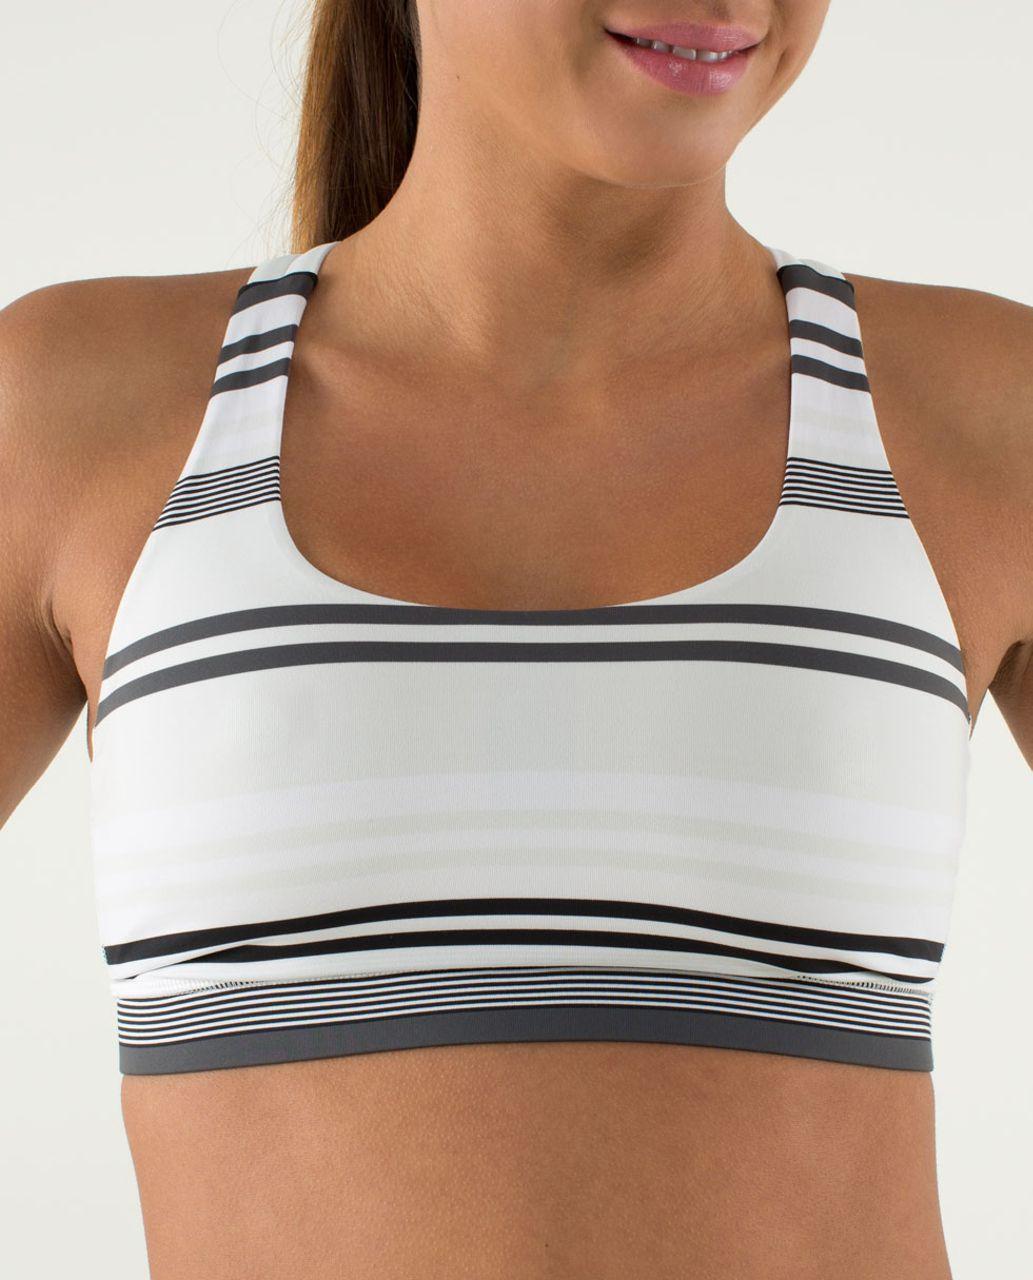 Lululemon Energy Bra - Groovy Stripe Nimbus / Nimbus